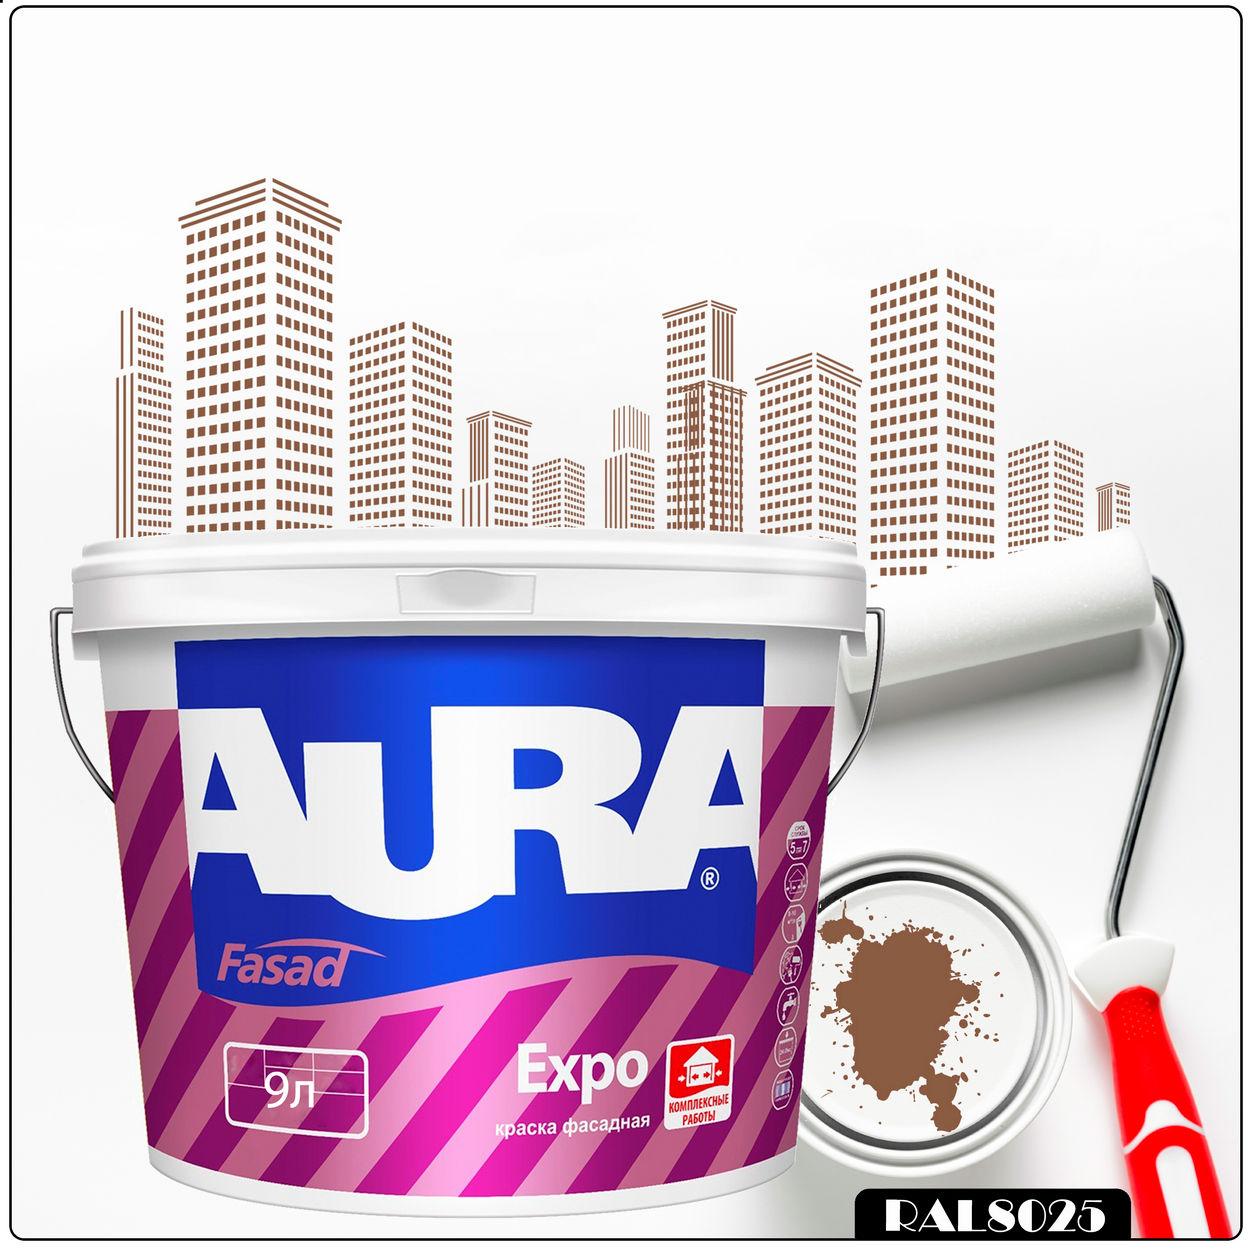 Фото 18 - Краска Aura Fasad Expo, RAL 8025 Бледно-коричневый, матовая, для фасадов и помещений с повышенной влажностью, 9л.